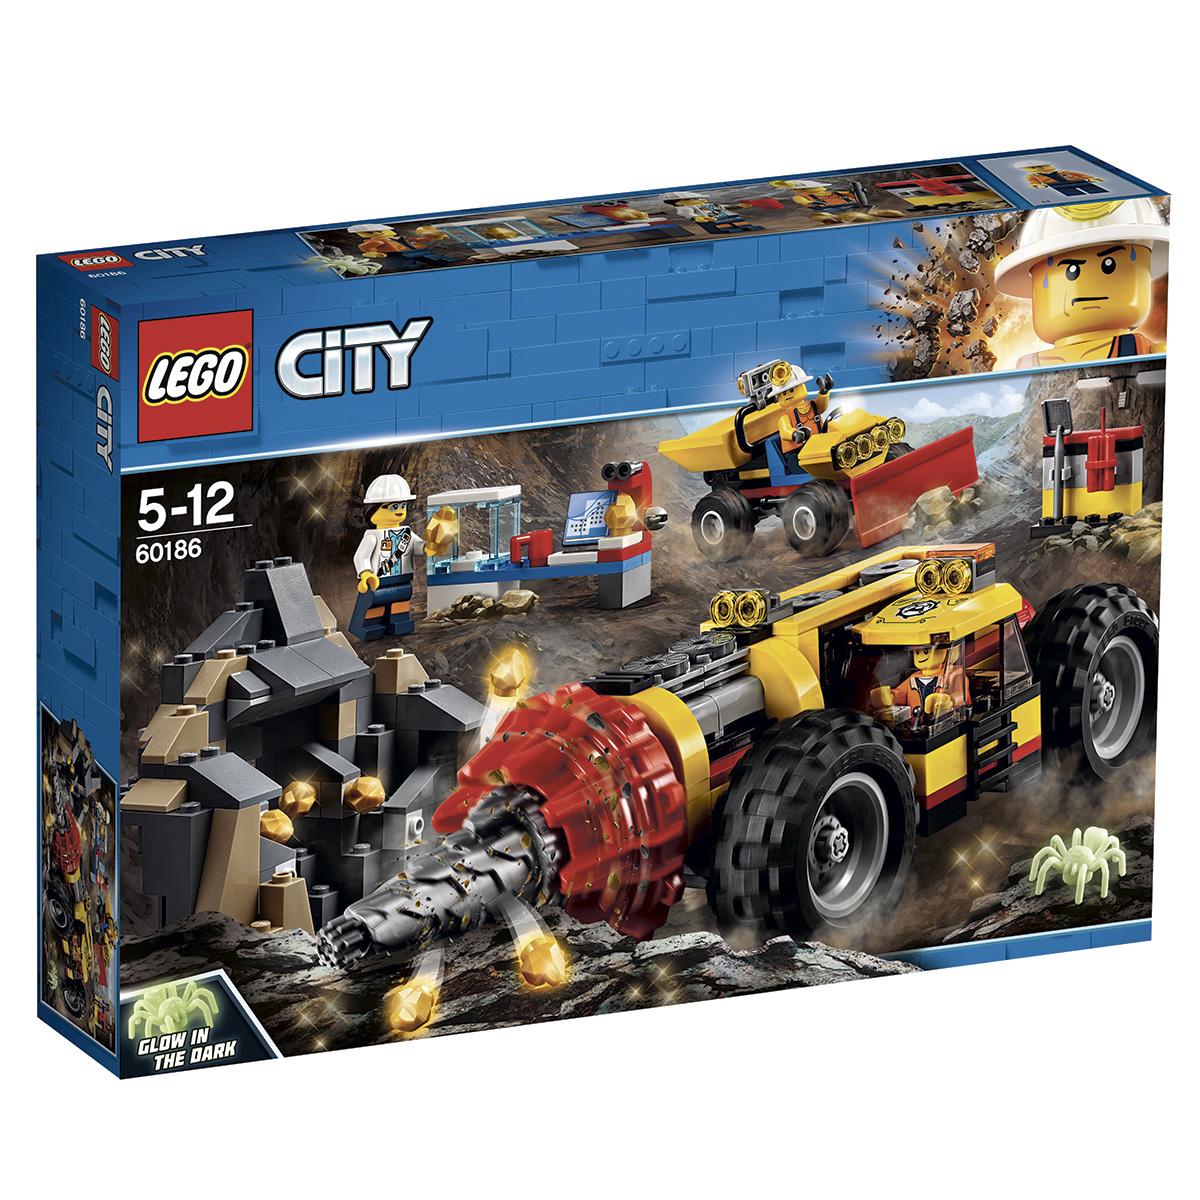 LEGO City Mining Stort minebor